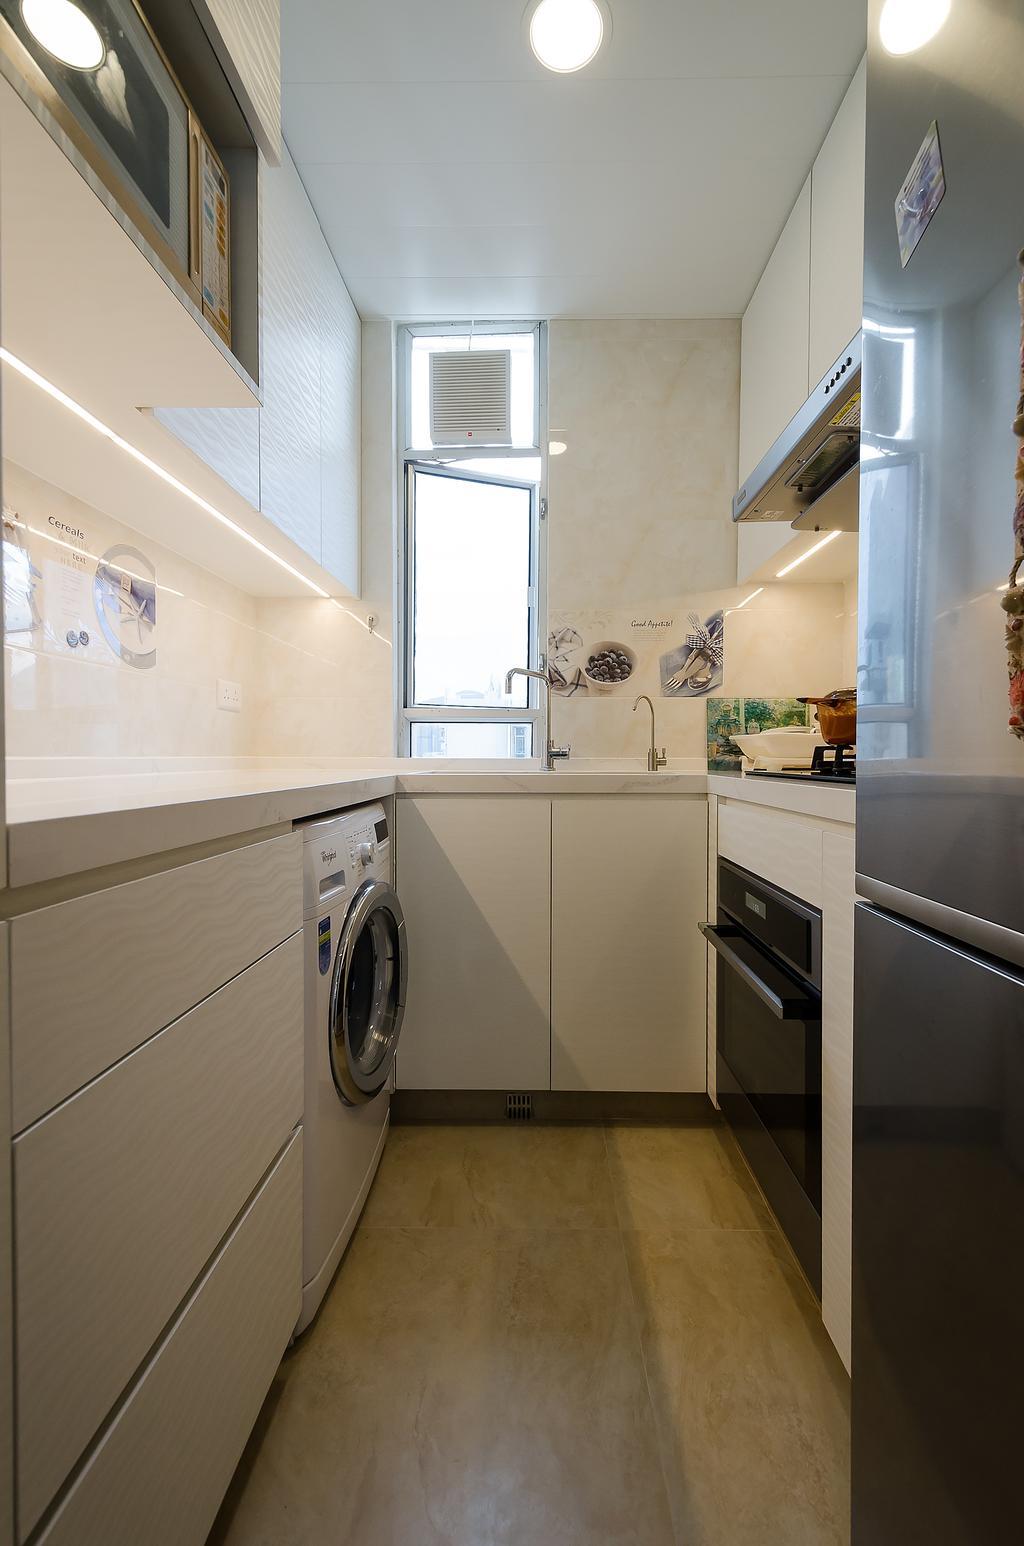 公屋/居屋, 廚房, 富寧花園, 室內設計師, 現時設計